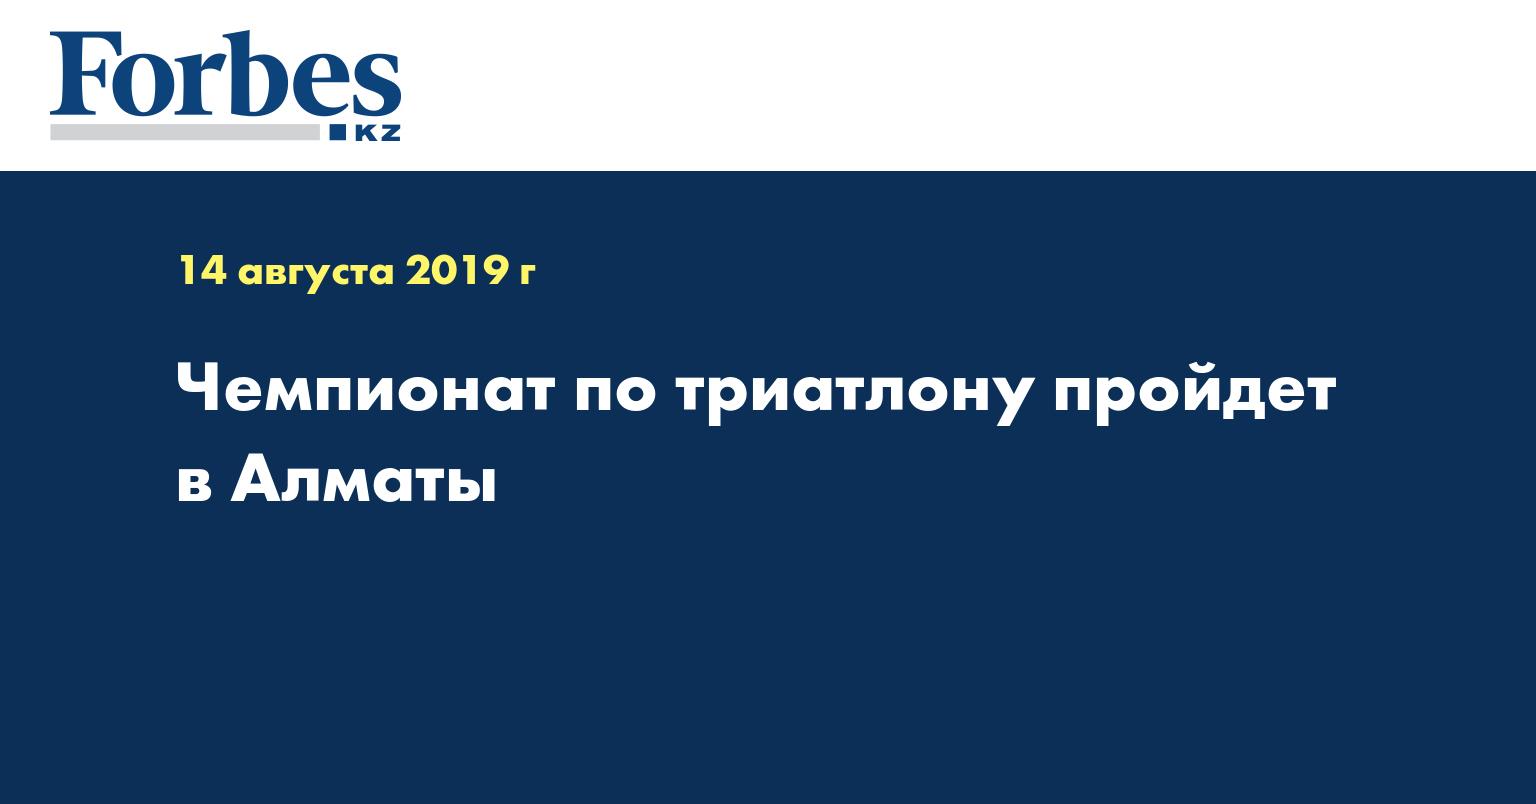 Чемпионат по триатлону пройдет в Алматы